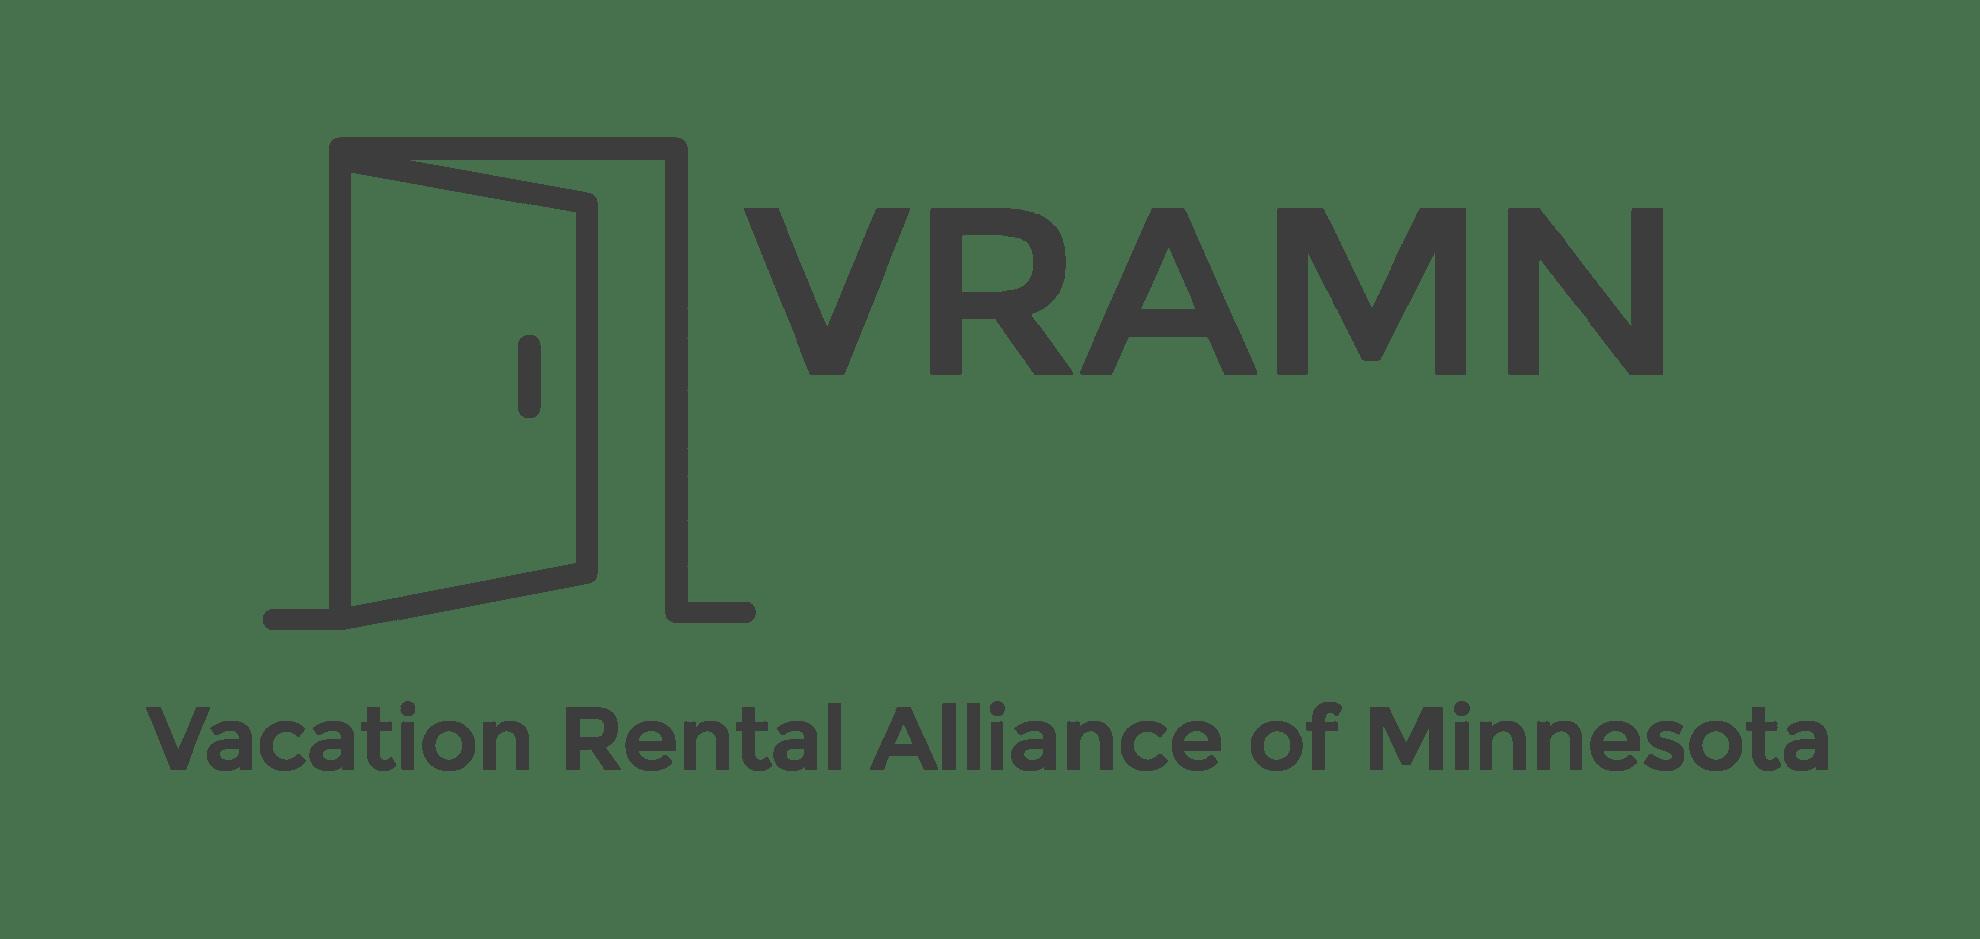 VRA MN logo